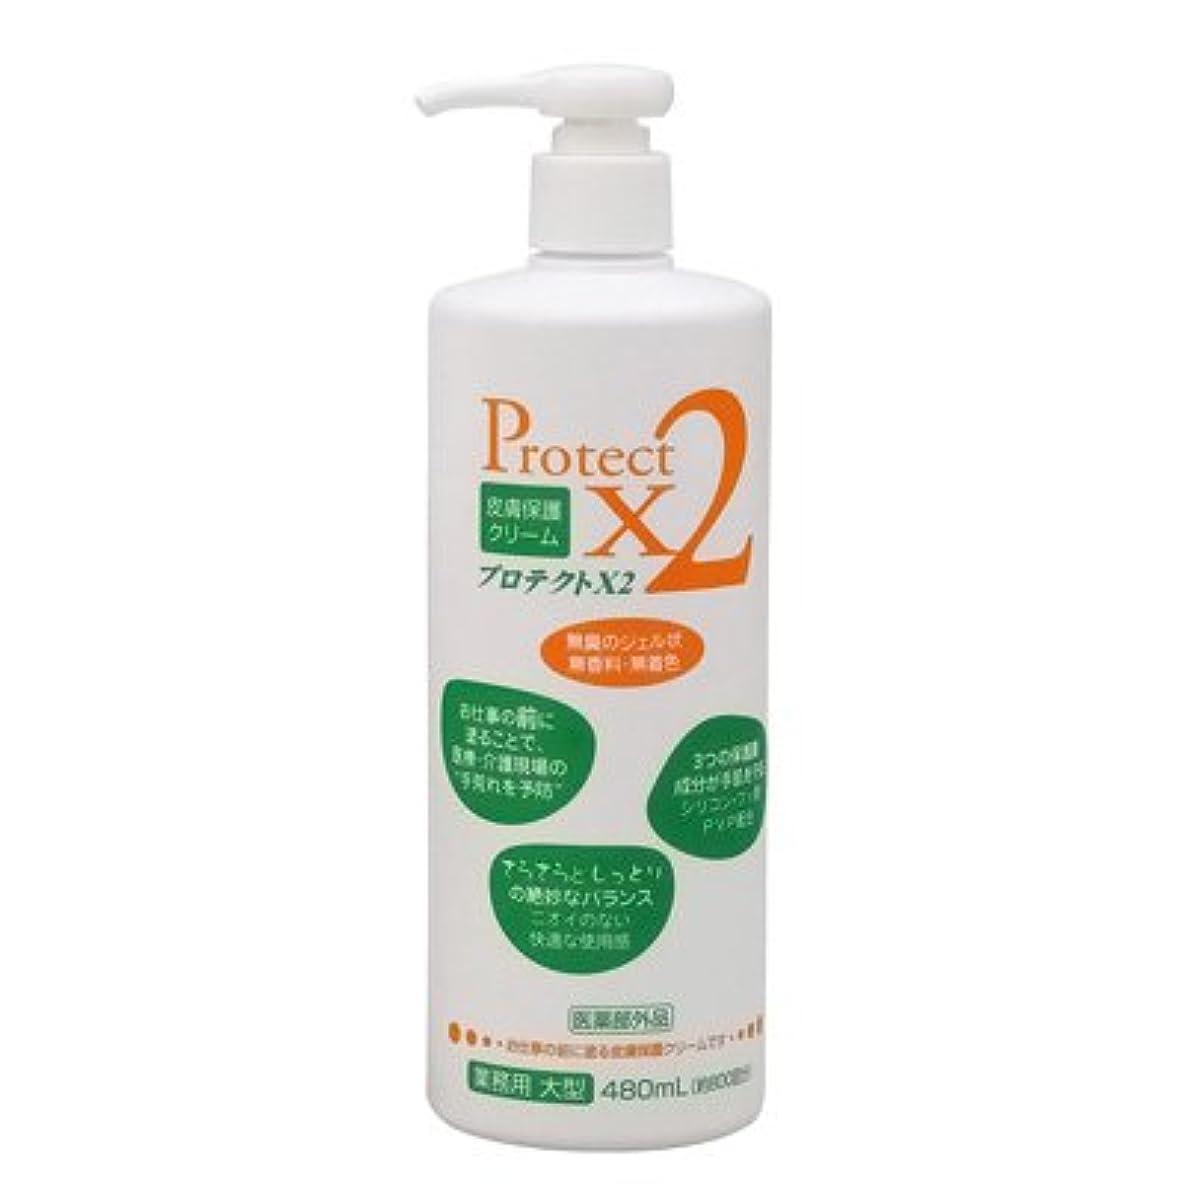 こどもの宮殿ポルティコハンディ皮膚保護クリーム プロテクトX2 480ml(大型)